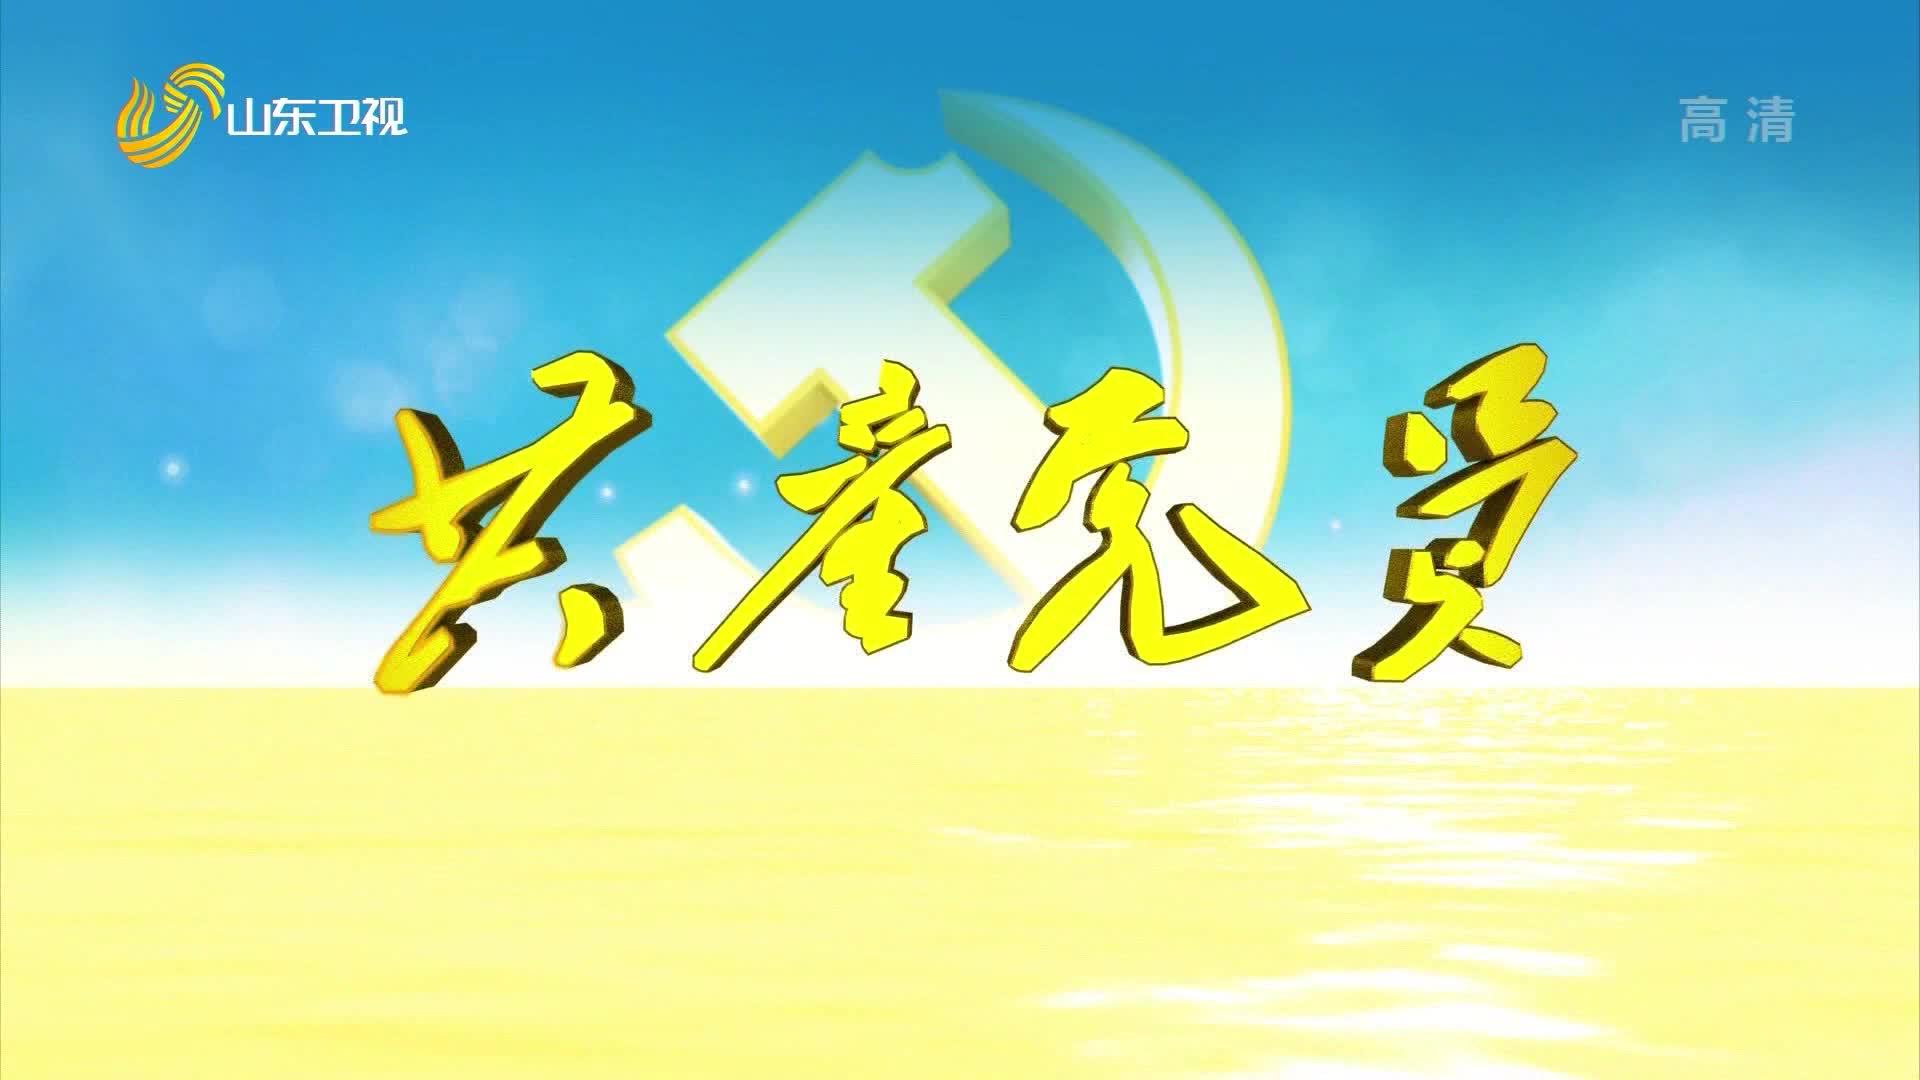 20210212《共产党员》:中国梦主题歌曲《人民是天》